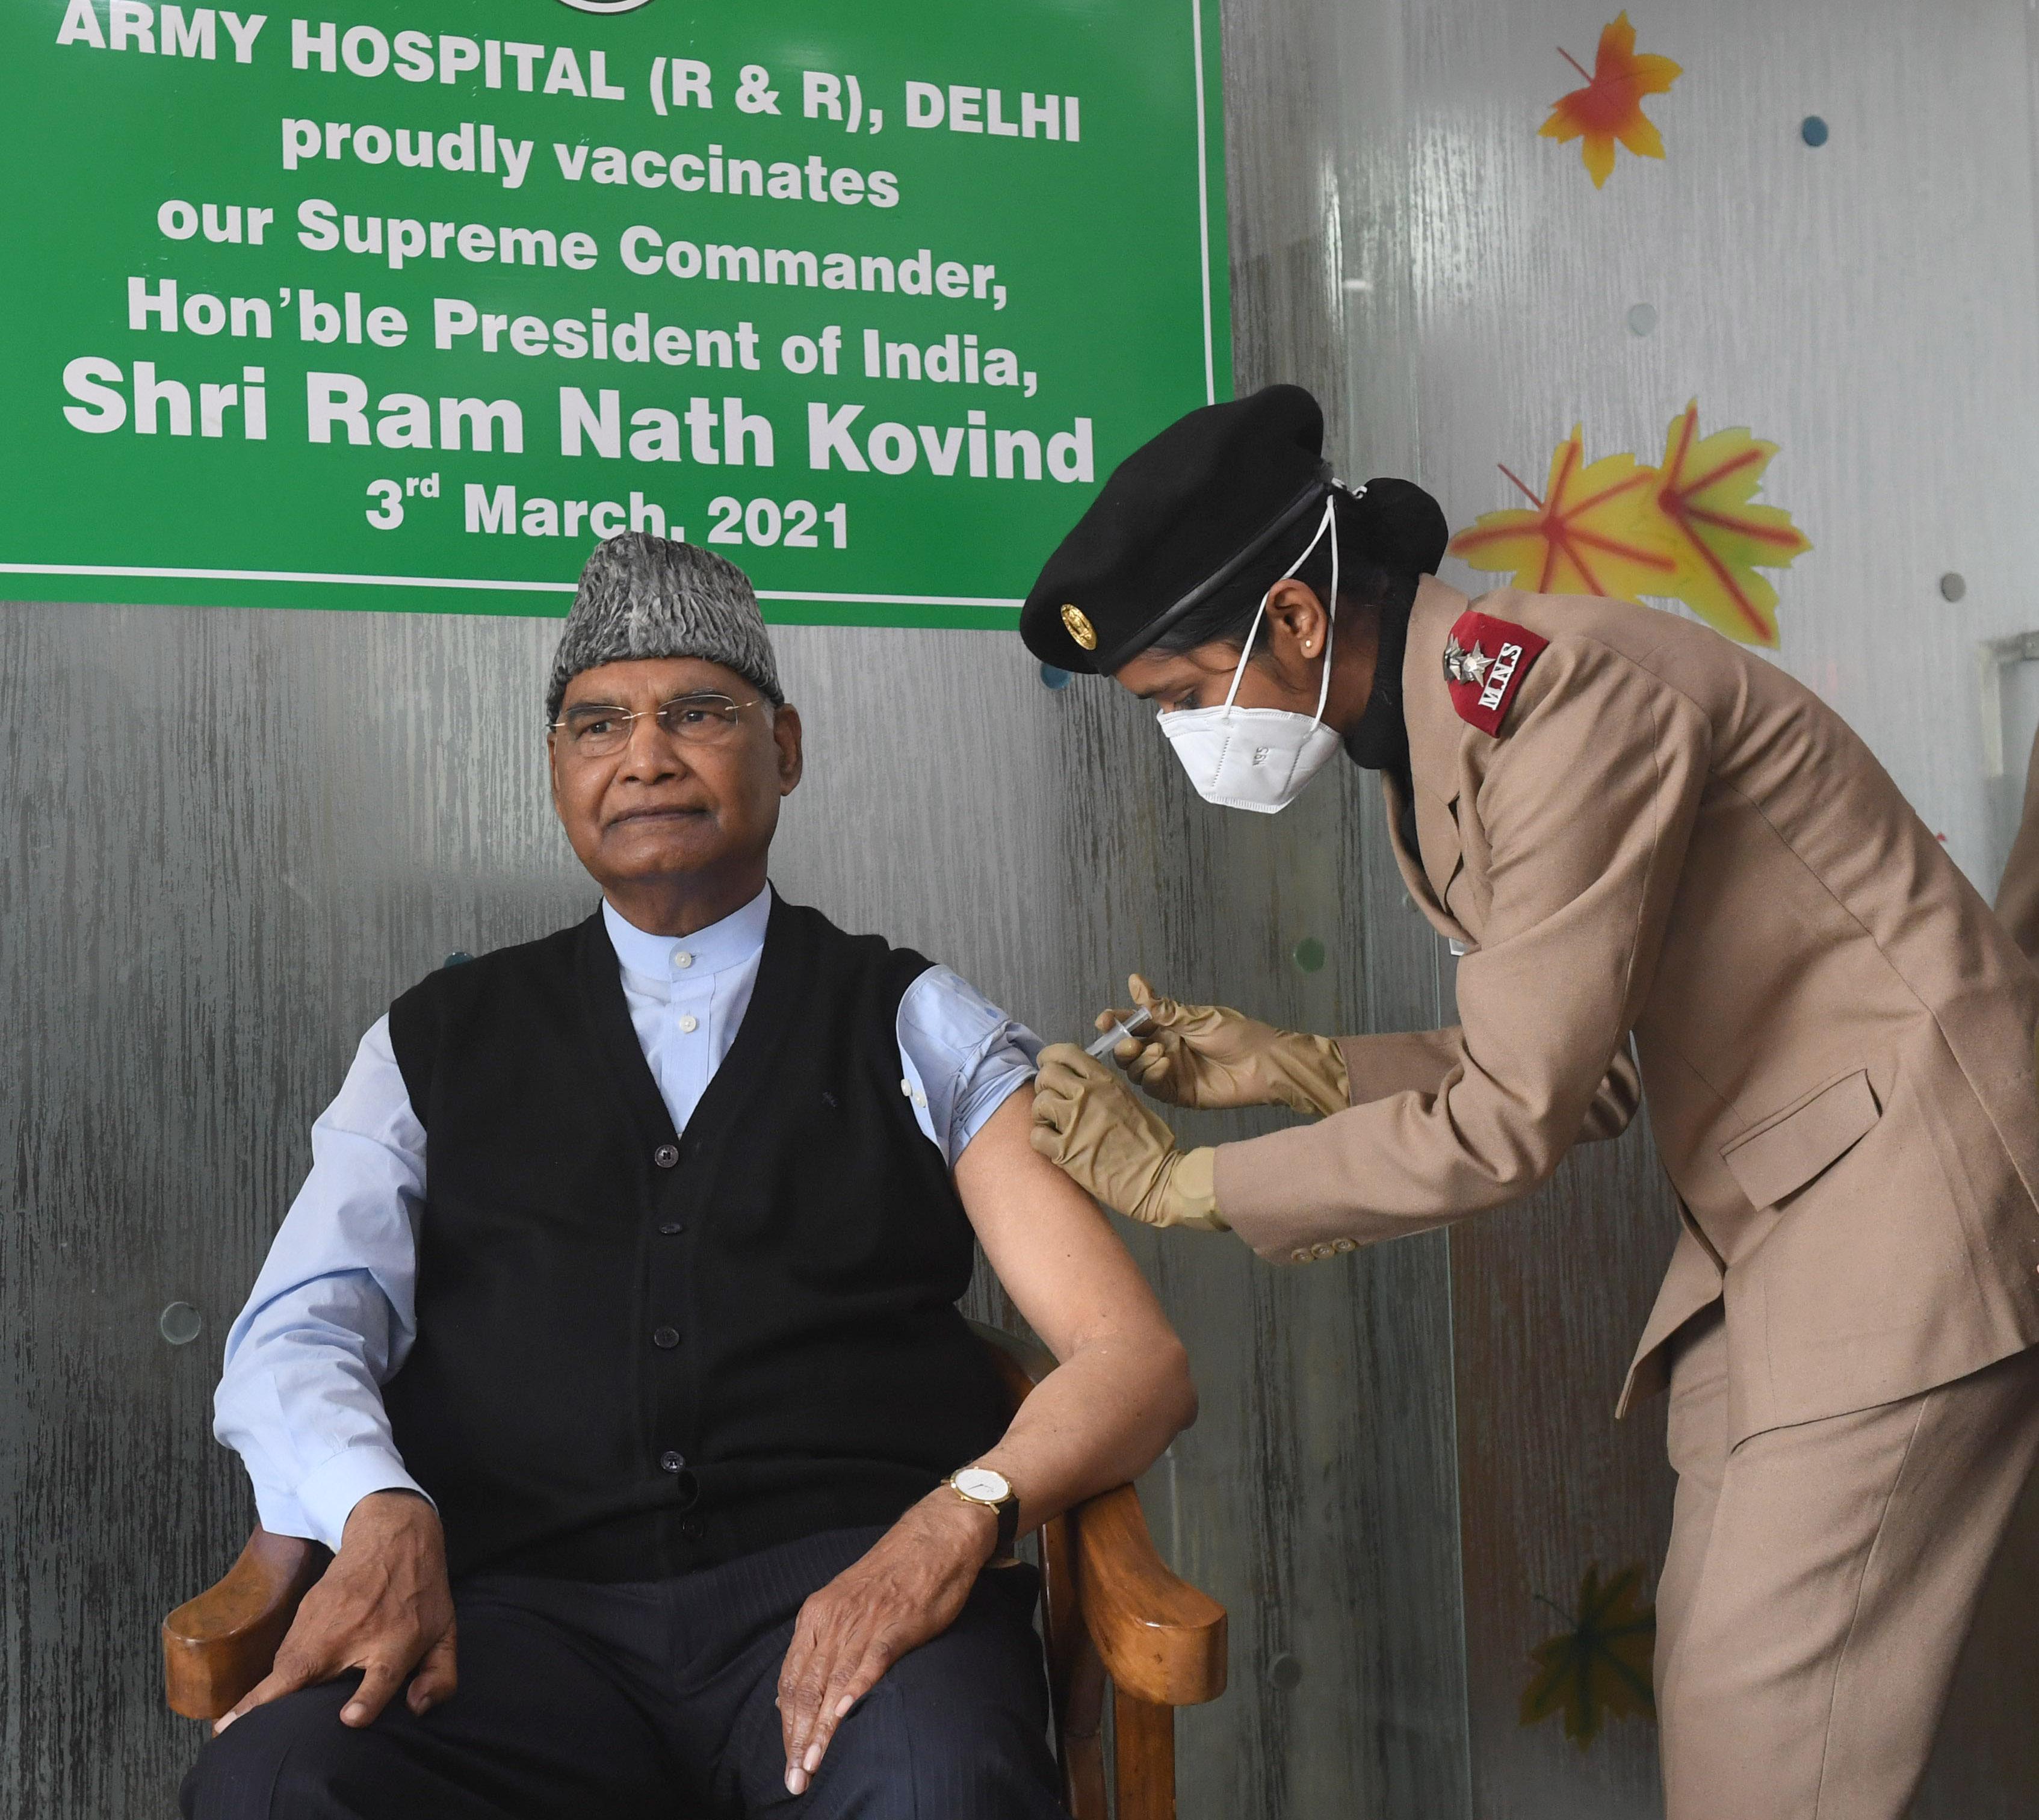 राष्ट्रपति रामनाथ कोविंद ने लिया कोरोना वैक्सीन का पहला डोज़, RR अस्पताल में लगवाया टीका